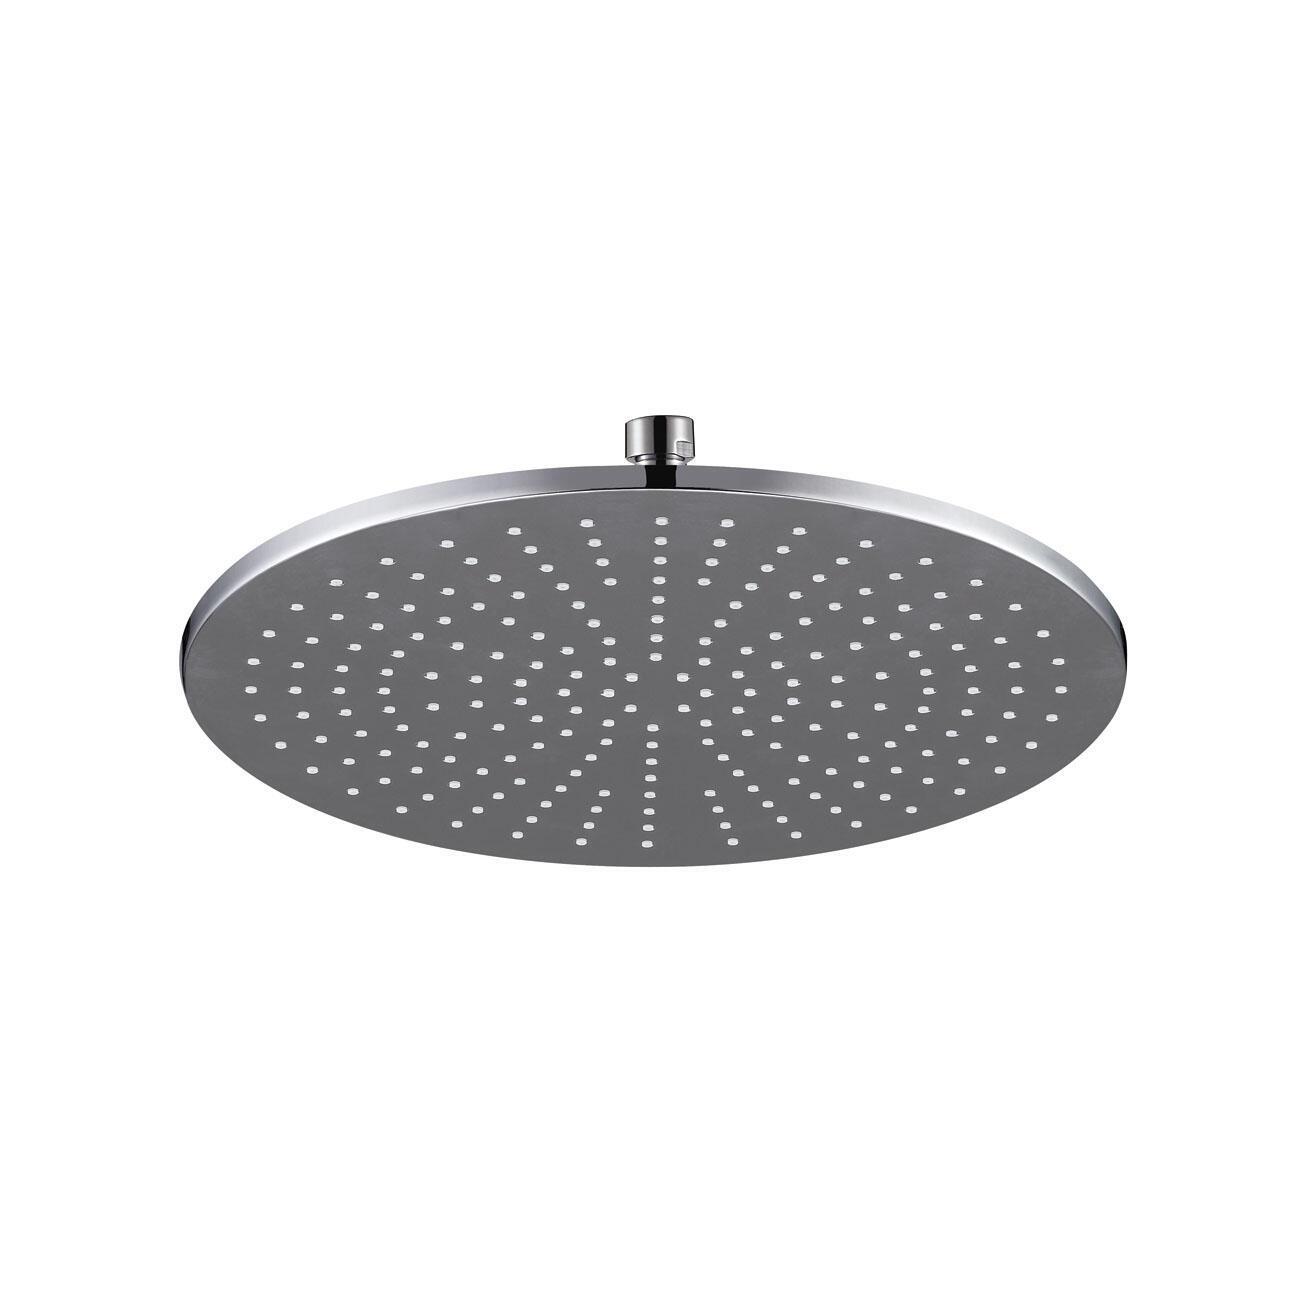 Soffione doccia Orlando in ottone argento cromato